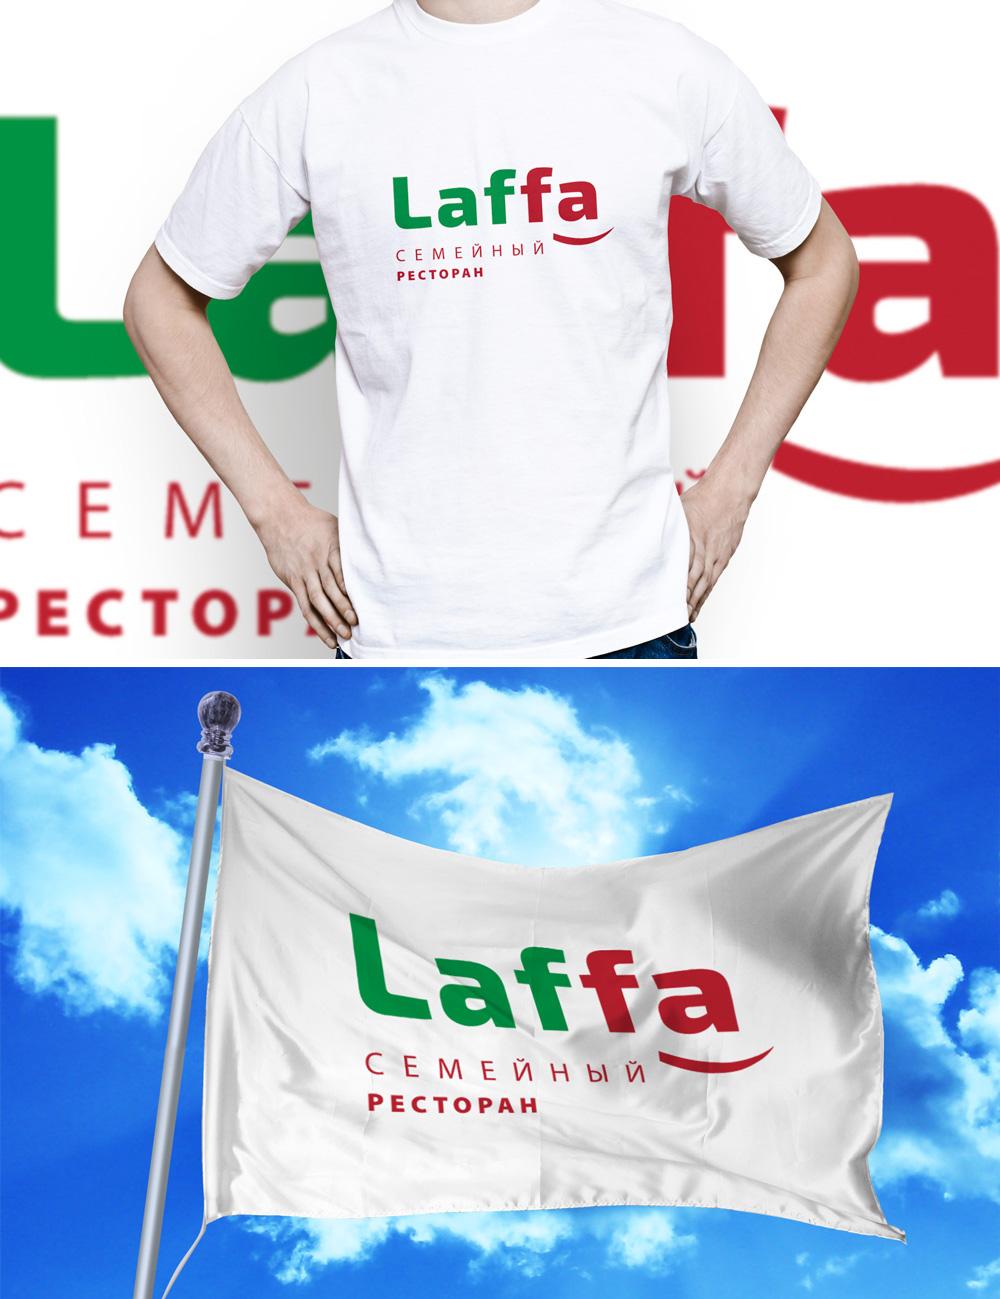 Нужно нарисовать логотип для семейного итальянского ресторан фото f_202554cc18109c34.jpg